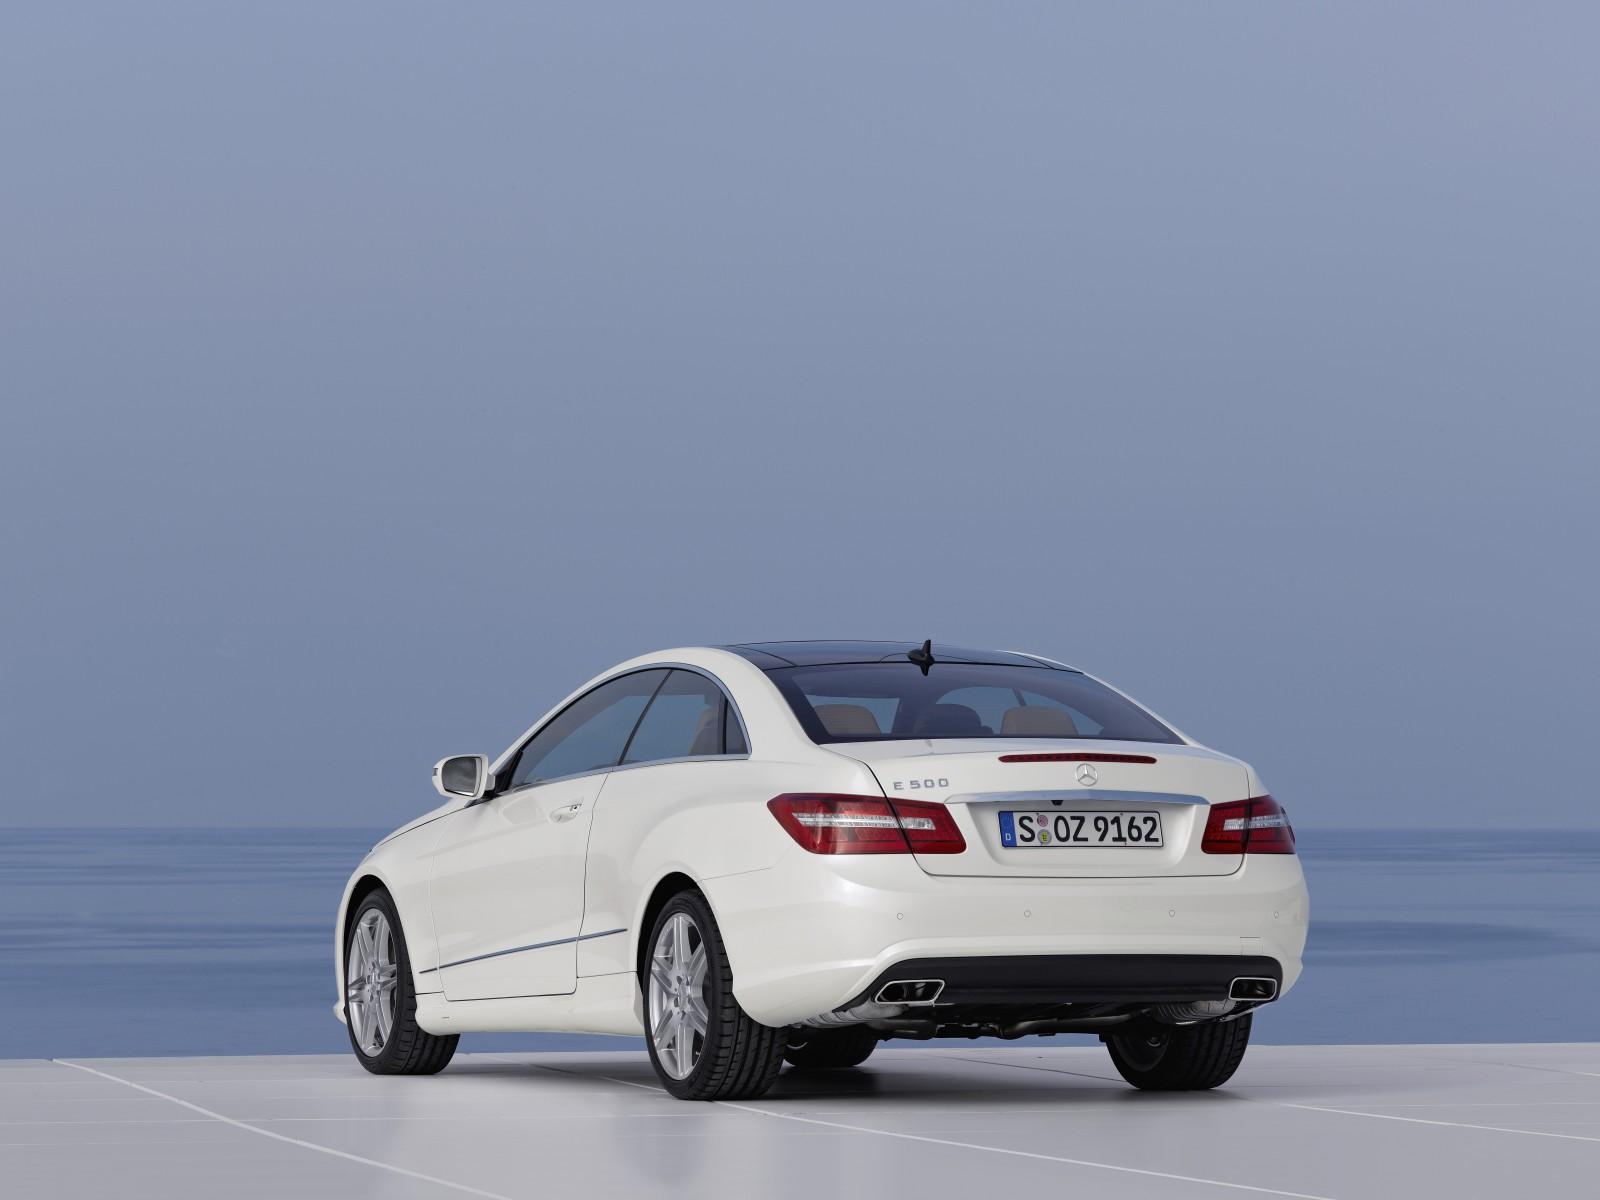 2009 Mercedes-Benz E 500 Coupe | Motor Desktop